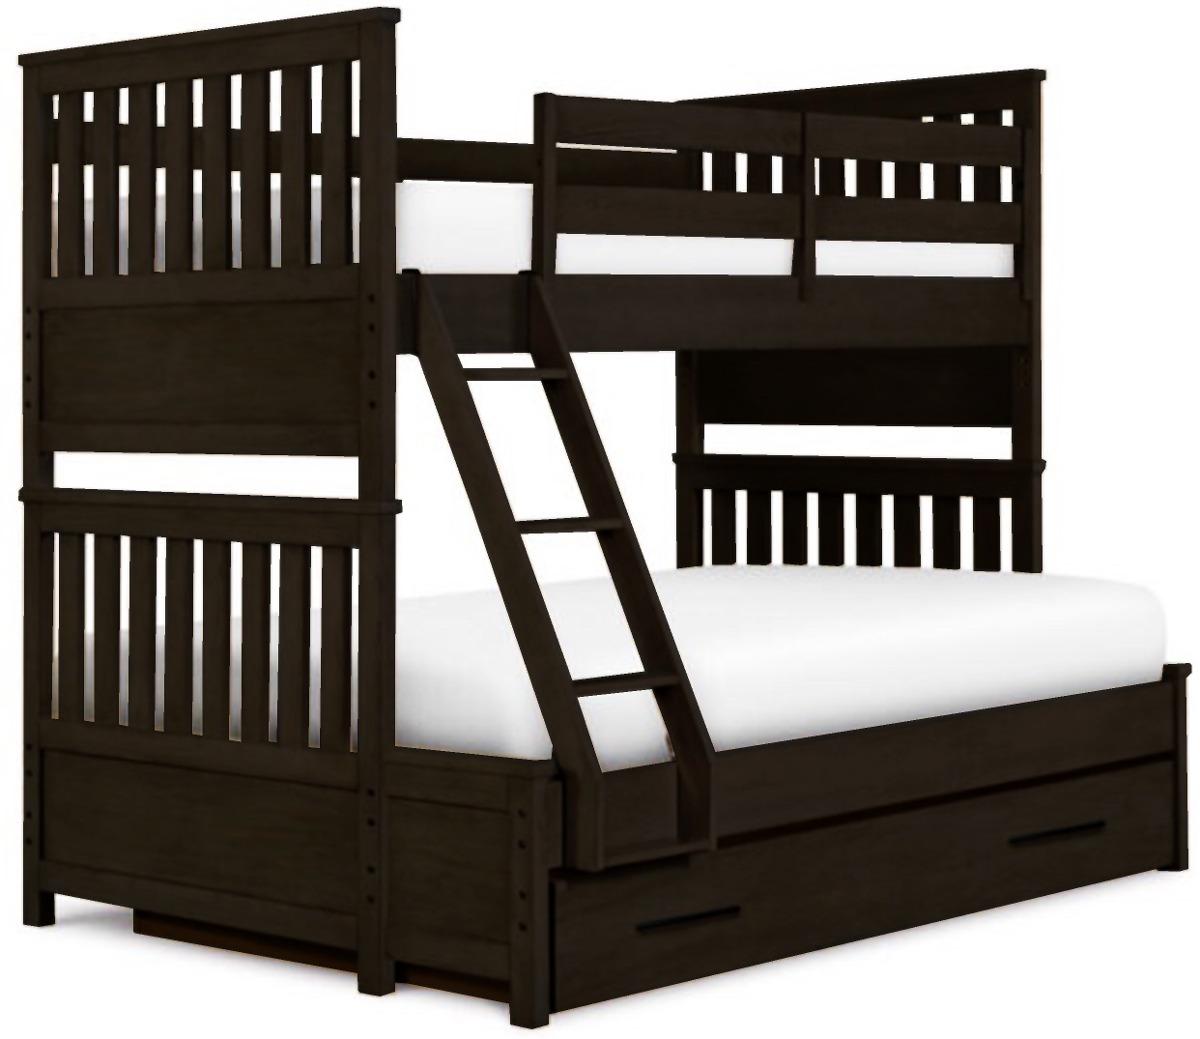 Litera cama individual matrimonial chocolate mueble madera for Cama matrimonial con cama individual abajo